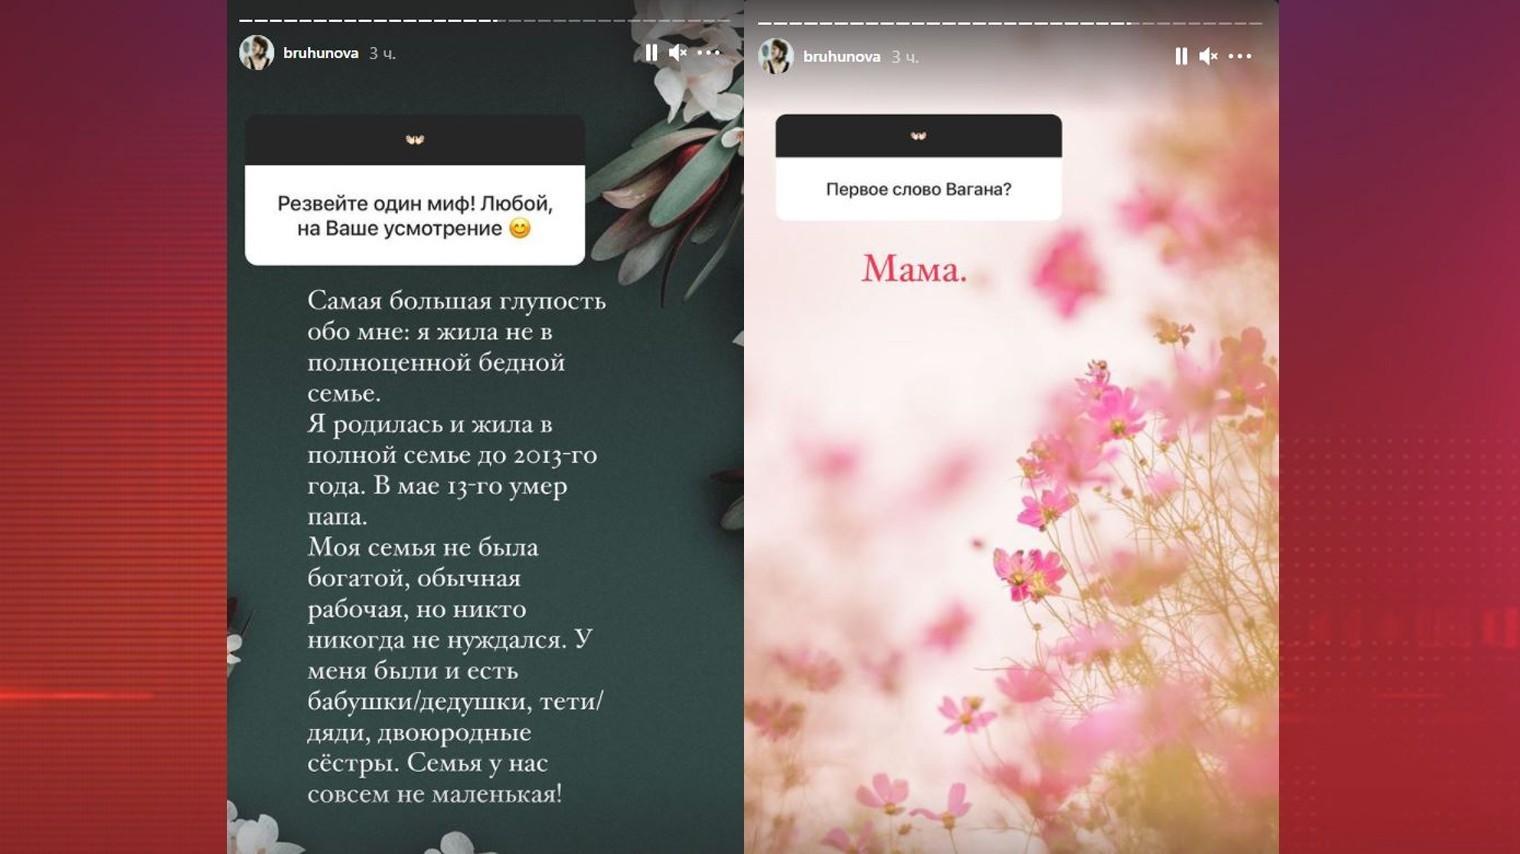 Брухунова развеяла «самую большую глупость» о своей семье и раскрыла первое слово Вагана